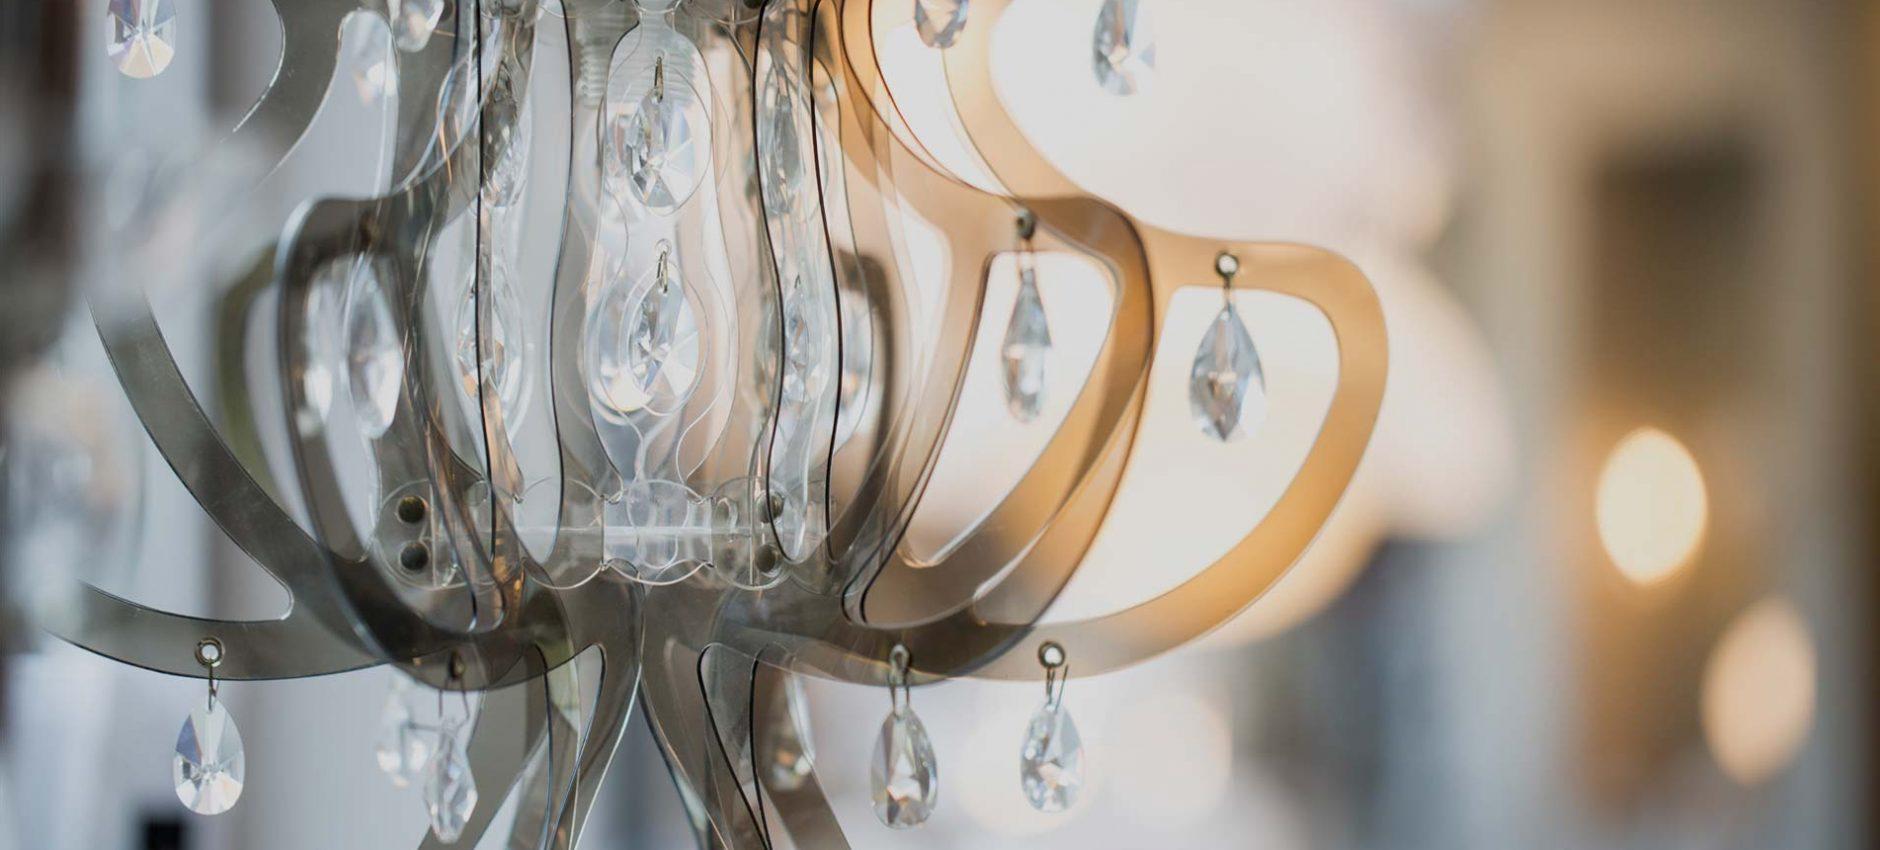 cdl-luce-vendita-lampada-a-sospensione-e1578924560474.jpg